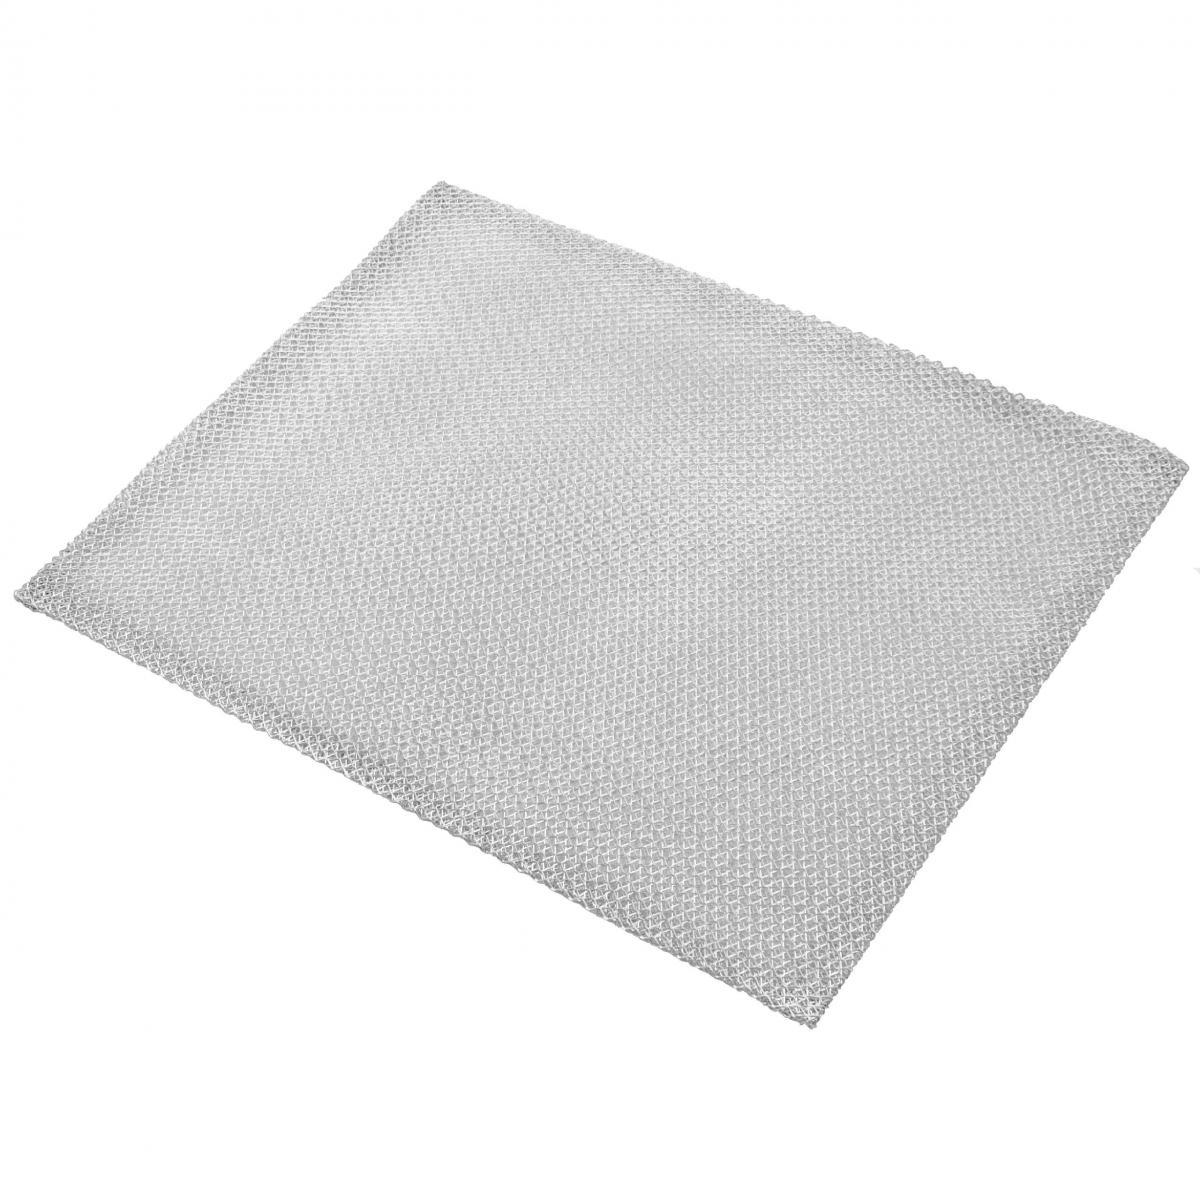 Vhbw vhbw Filtrepermanent filtre à graisse métallique 30 x 23,6 x 0,3cm convient pour Whirlpool AKR 673 857867301020 hottes d